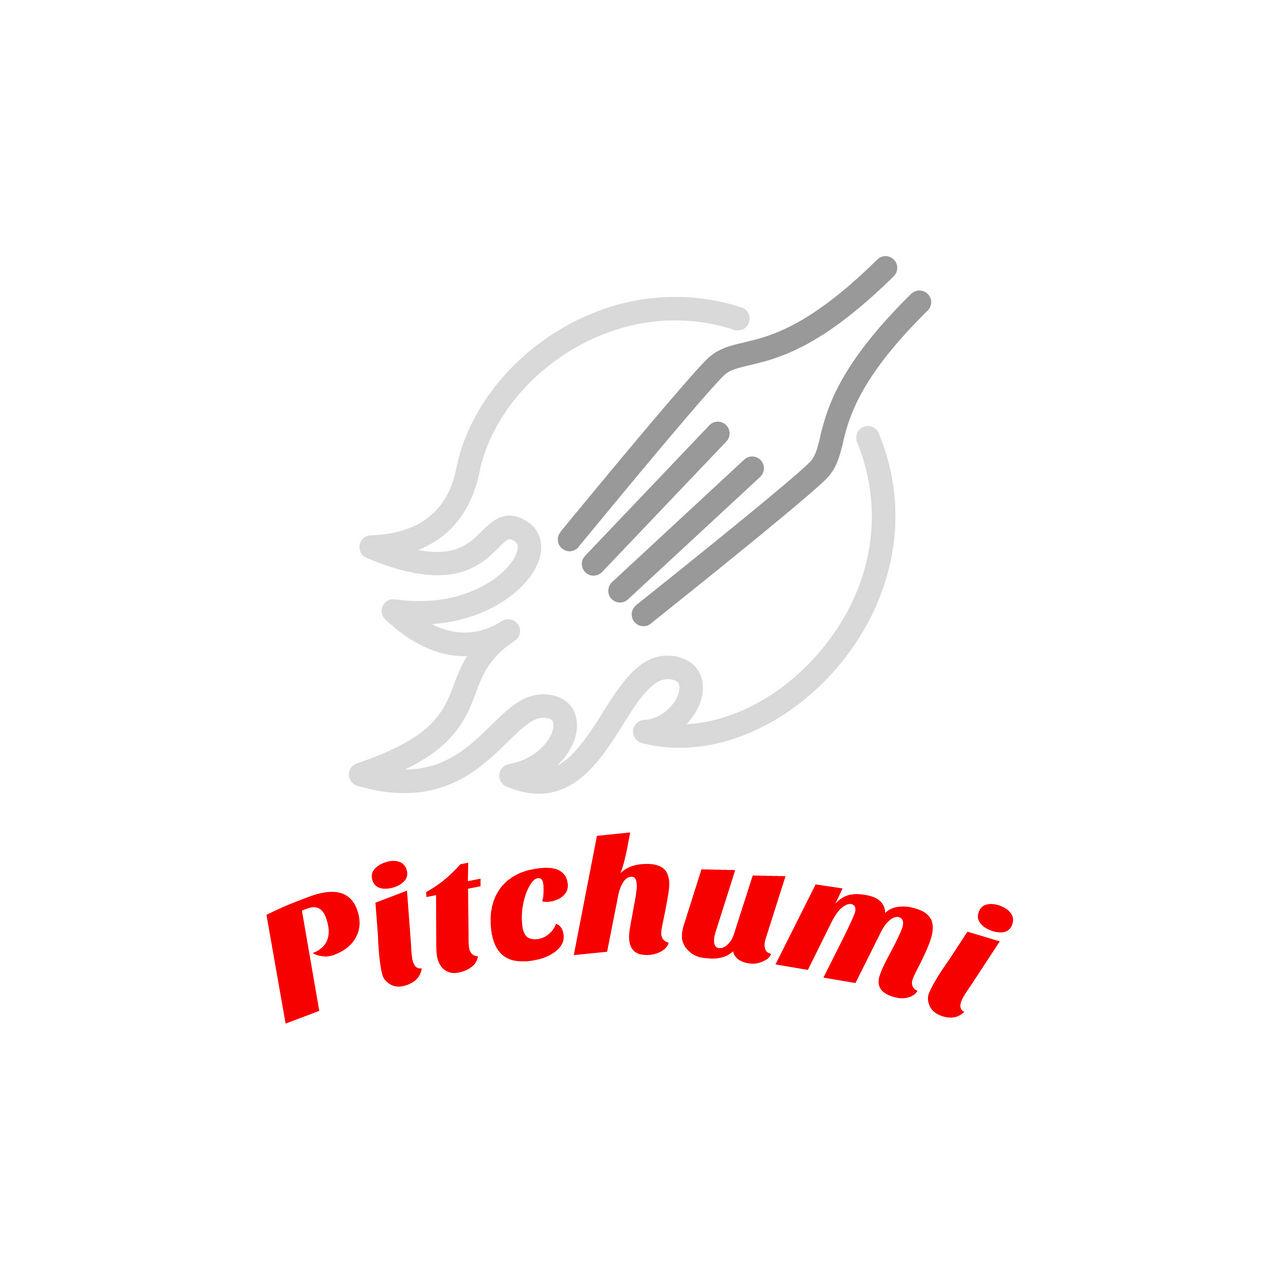 Pitchumi 2